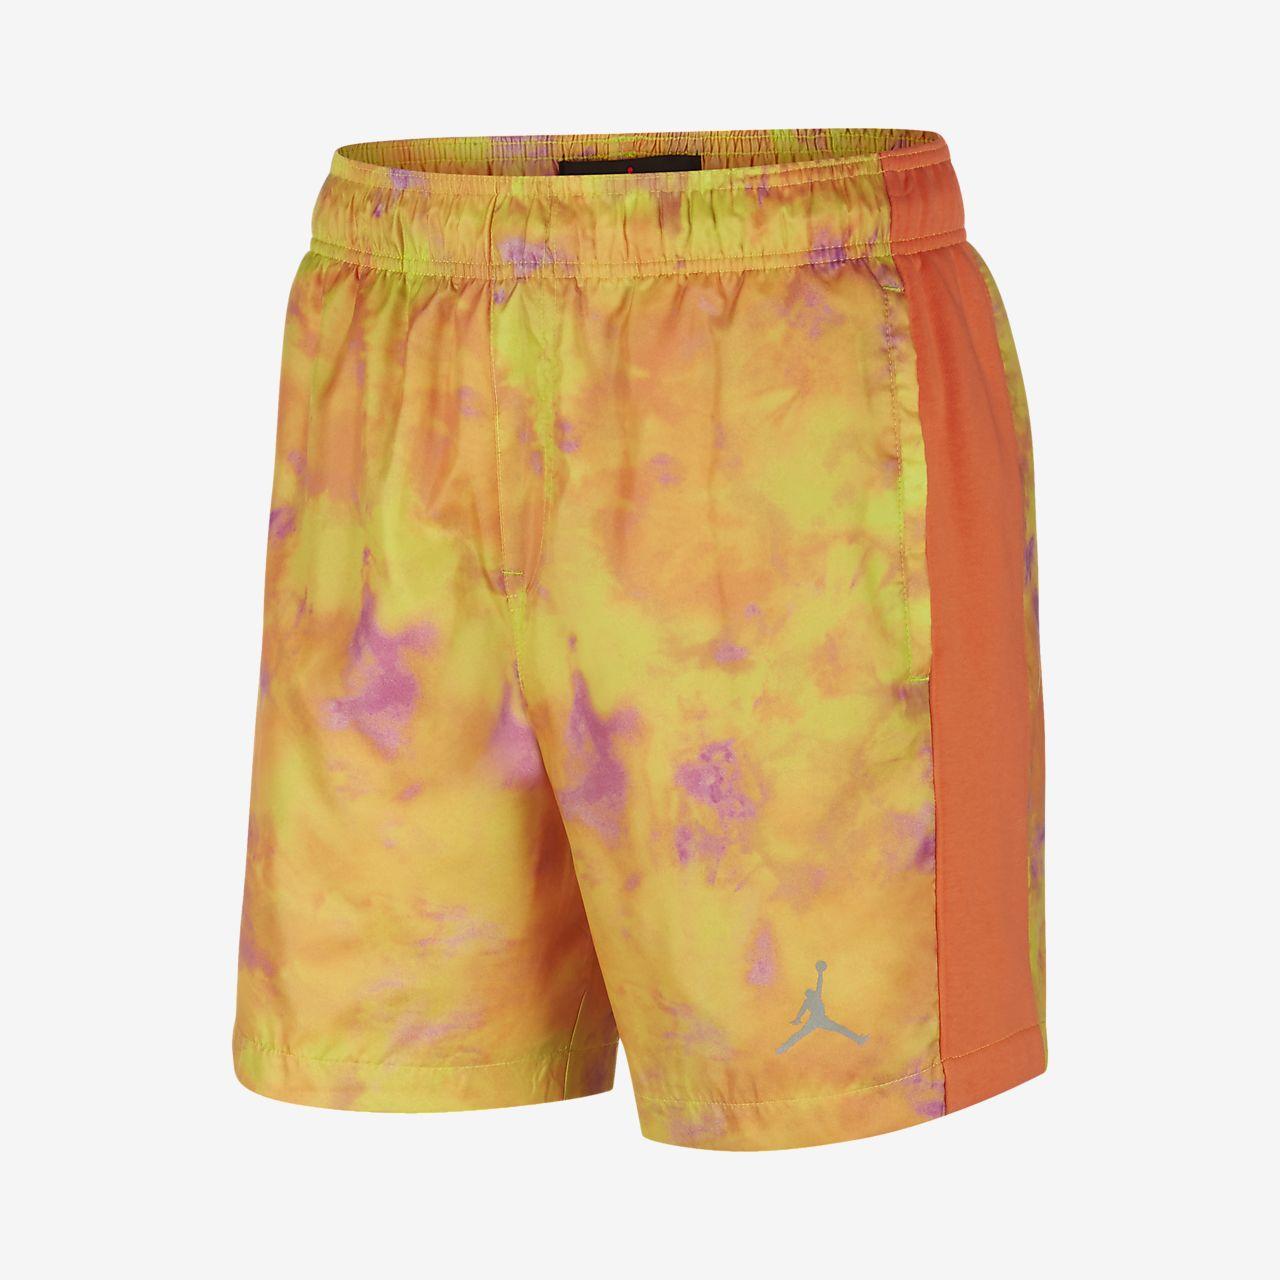 Jordan Tie-Dye 男子短裤